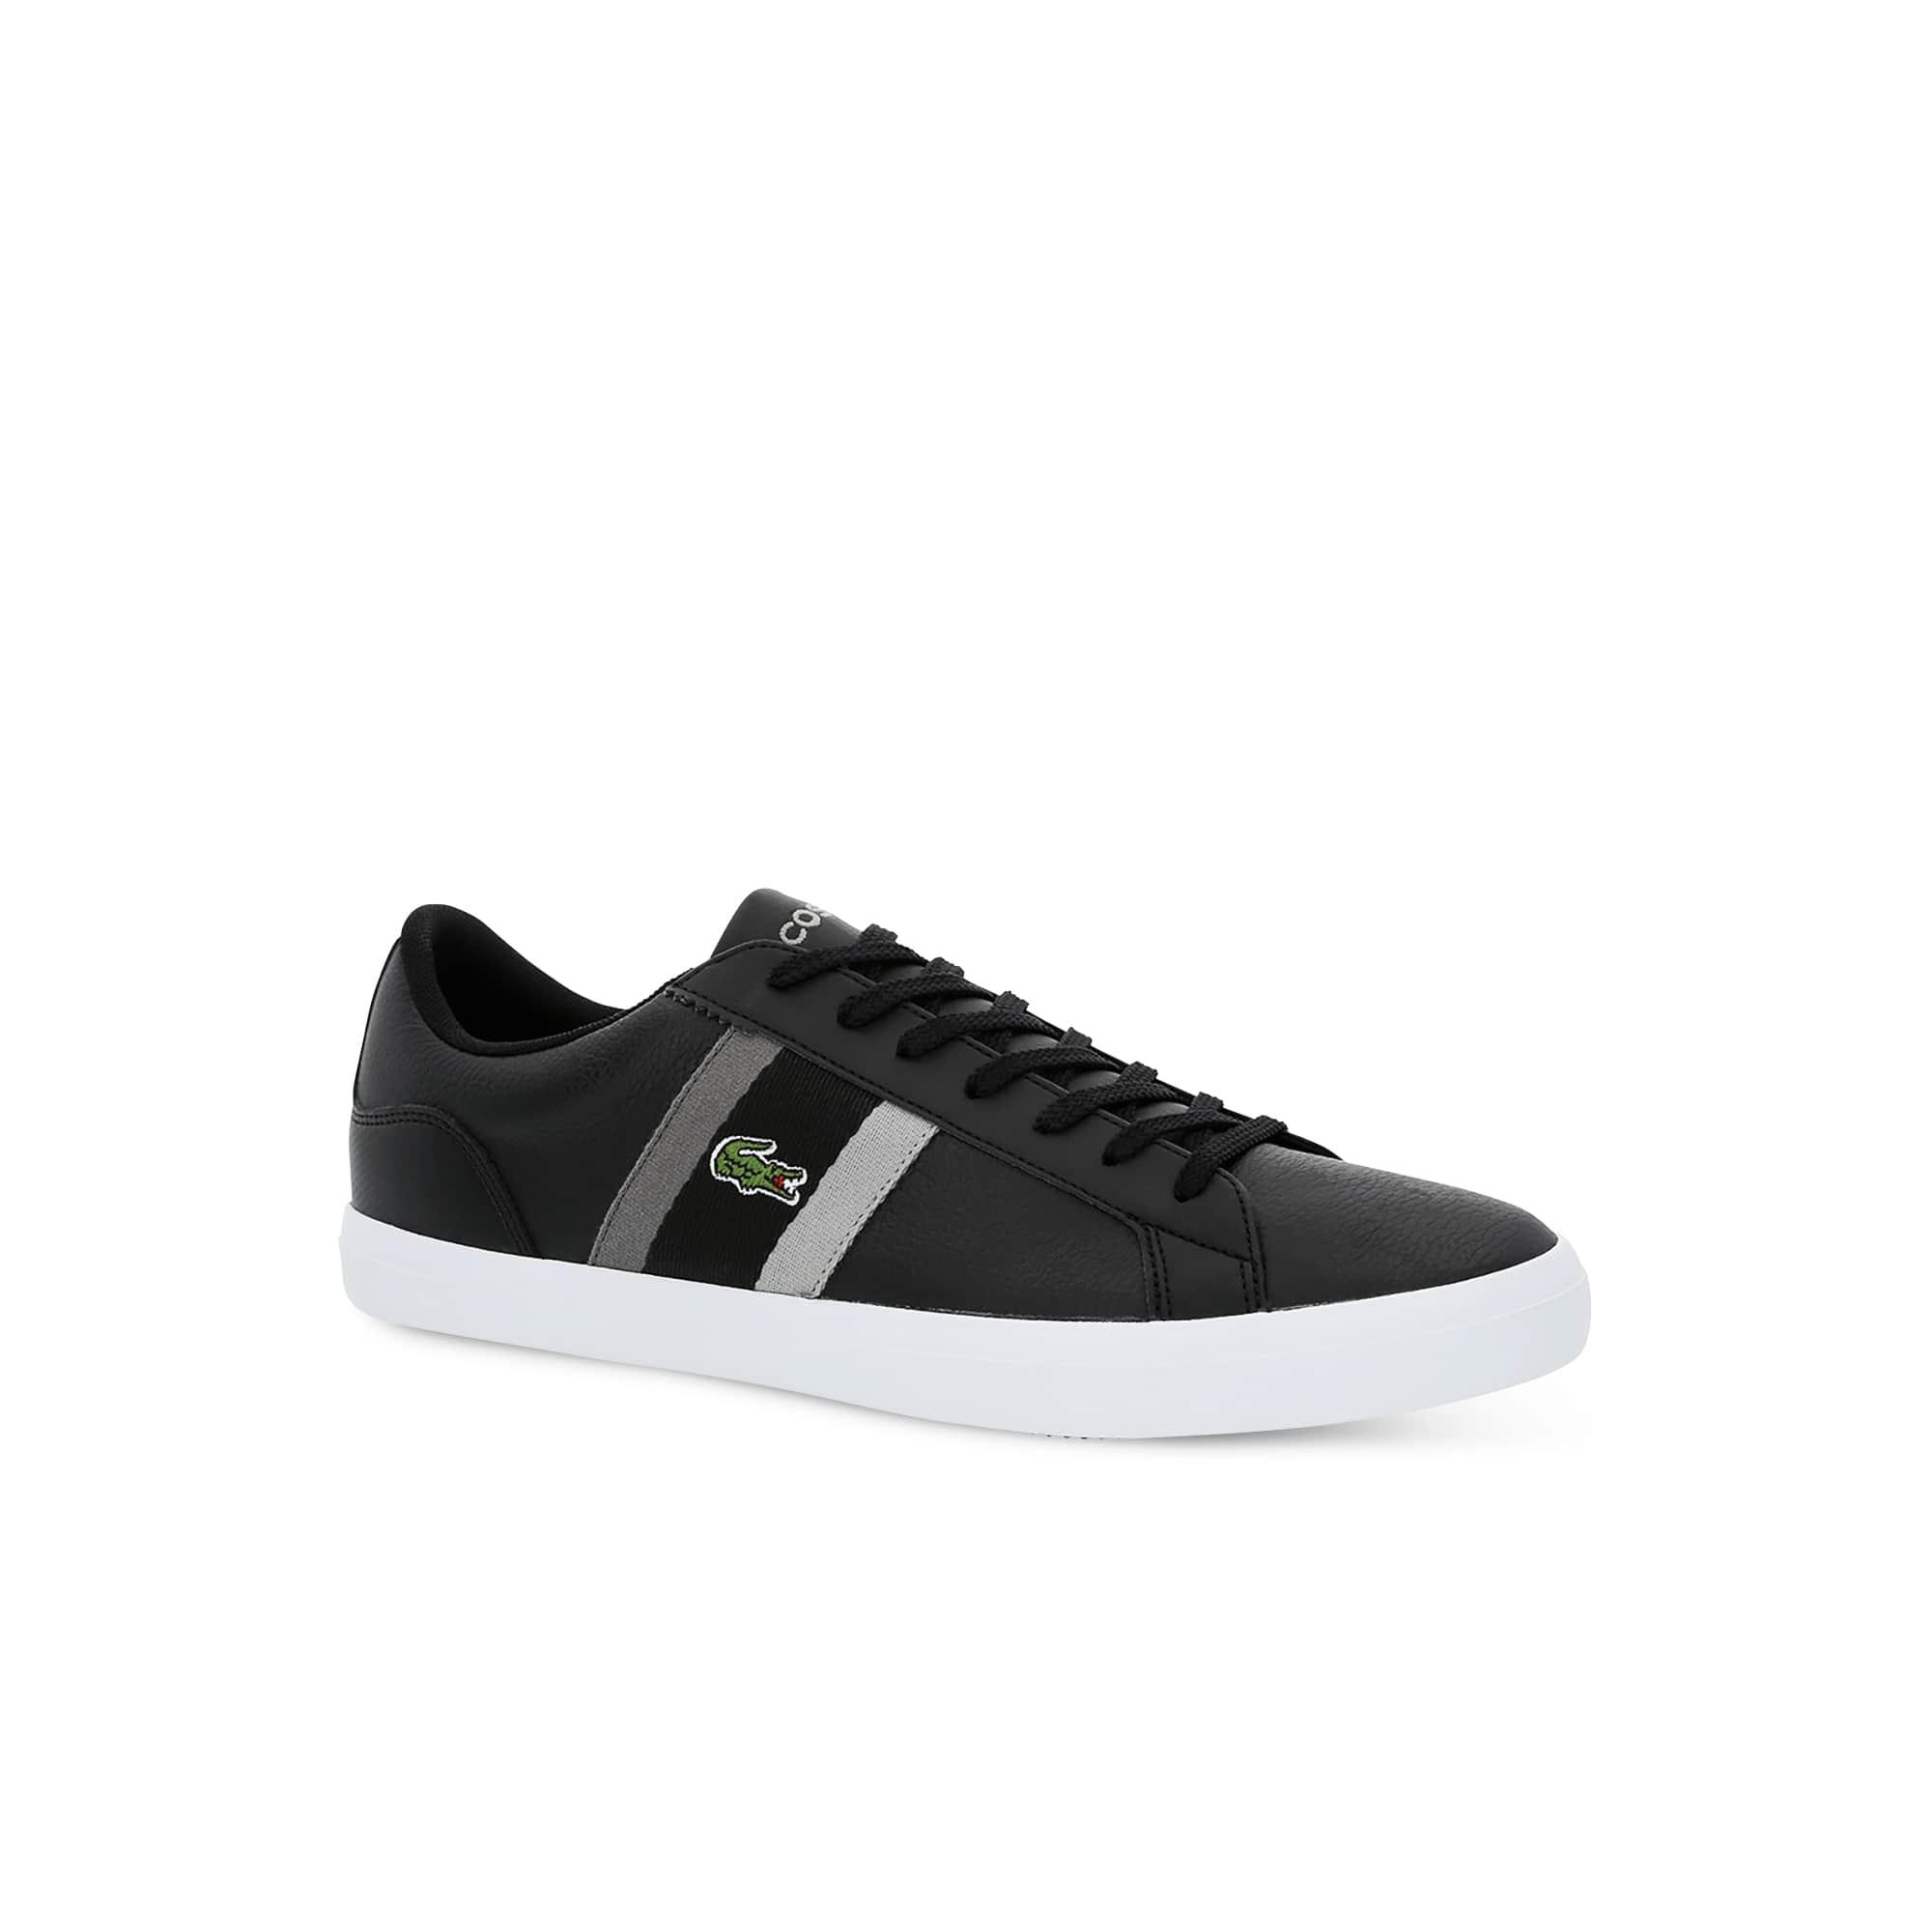 71089ac6a5 Toutes les chaussures | LACOSTE